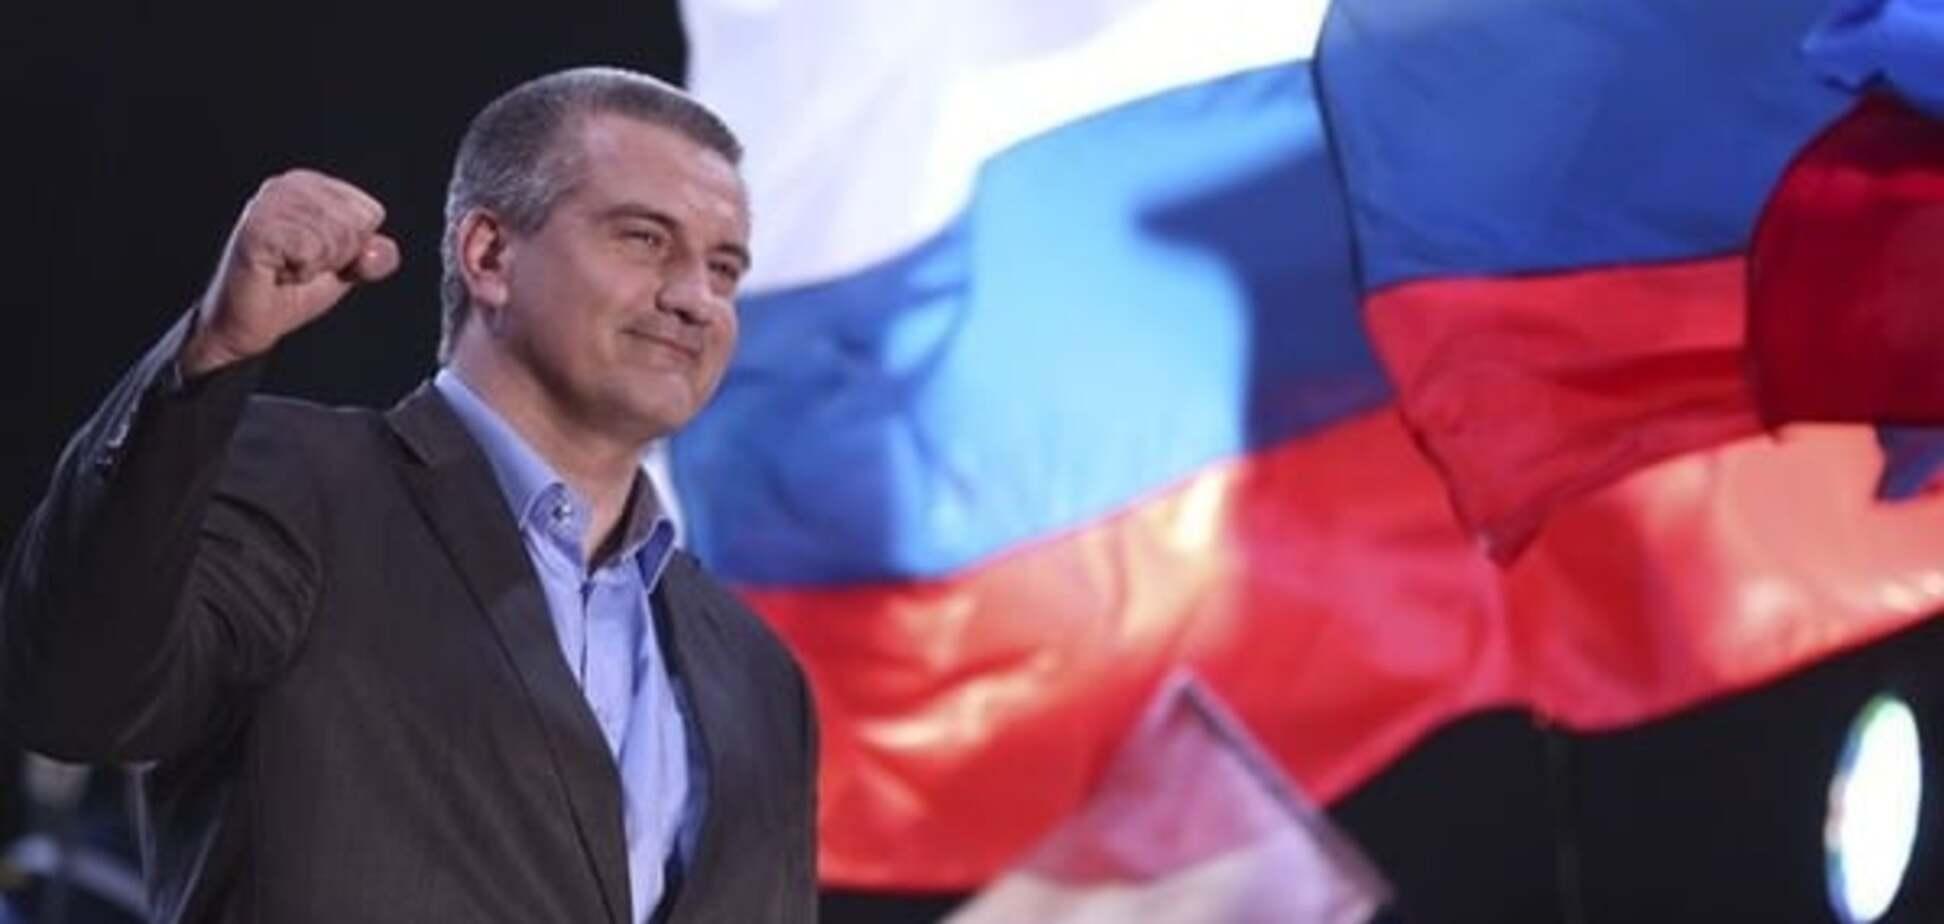 Гоблінський патріотизм: нерухомість 'глави' Криму арештували задовго до анексії